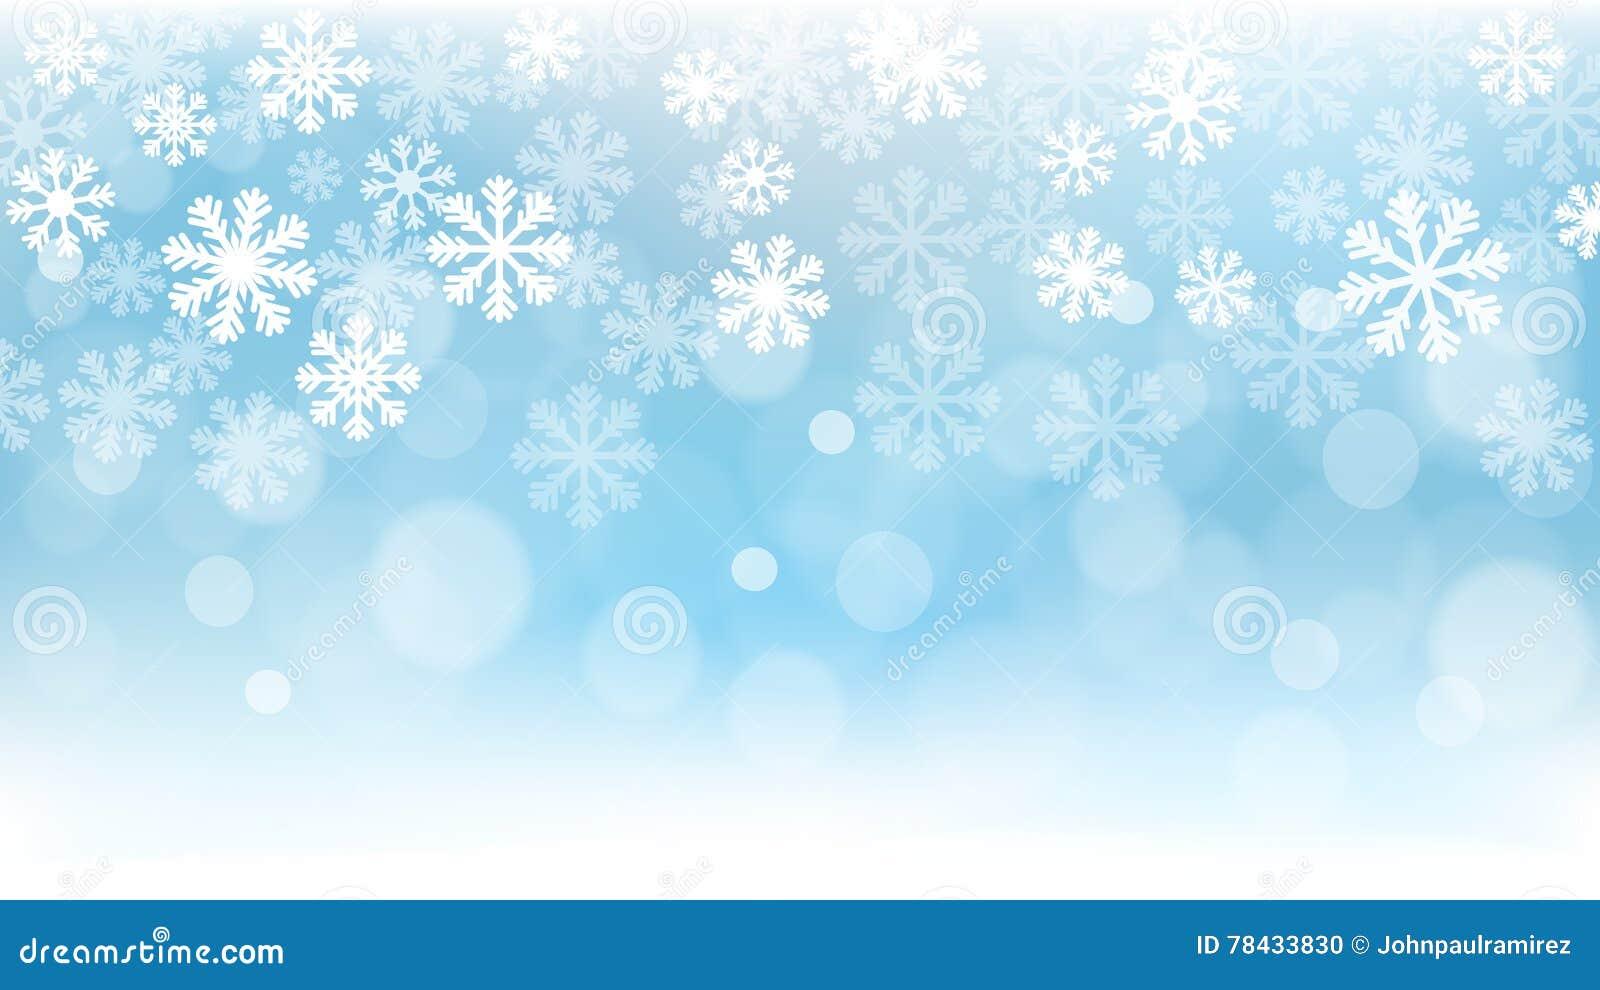 Weihnachtshintergrund, Schneeflocken, Tapete, Schnee Vektor ...